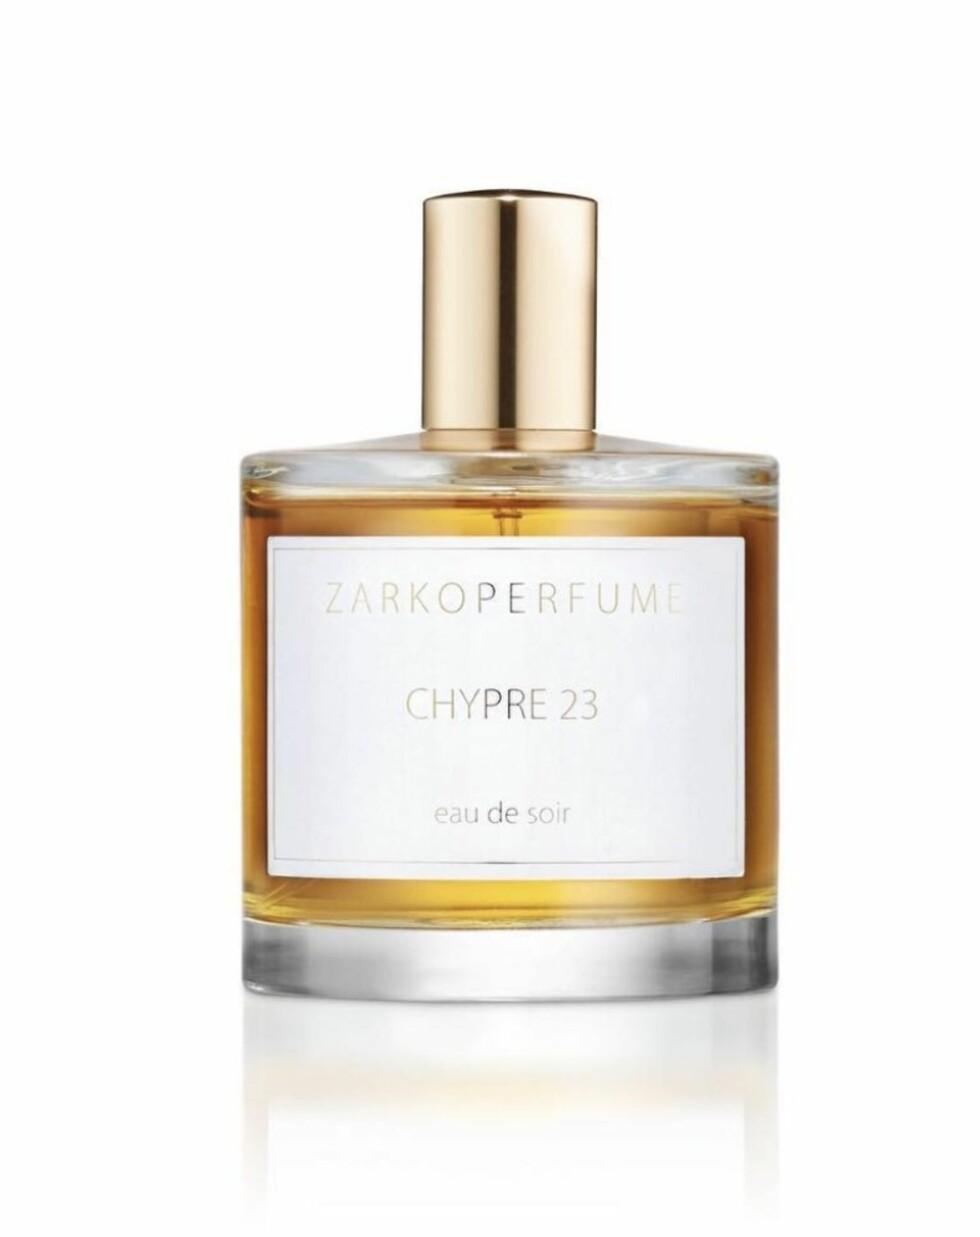 """Zarkoparfume: Kaller seg """"Slow Parfumery"""". Håndlagede parfymer som blant annet lagres på eikefat som en conjac. Chypre 23: Tilbake til opprinnelsen med duftblanding inspirert av Kypros (kr 1200)."""